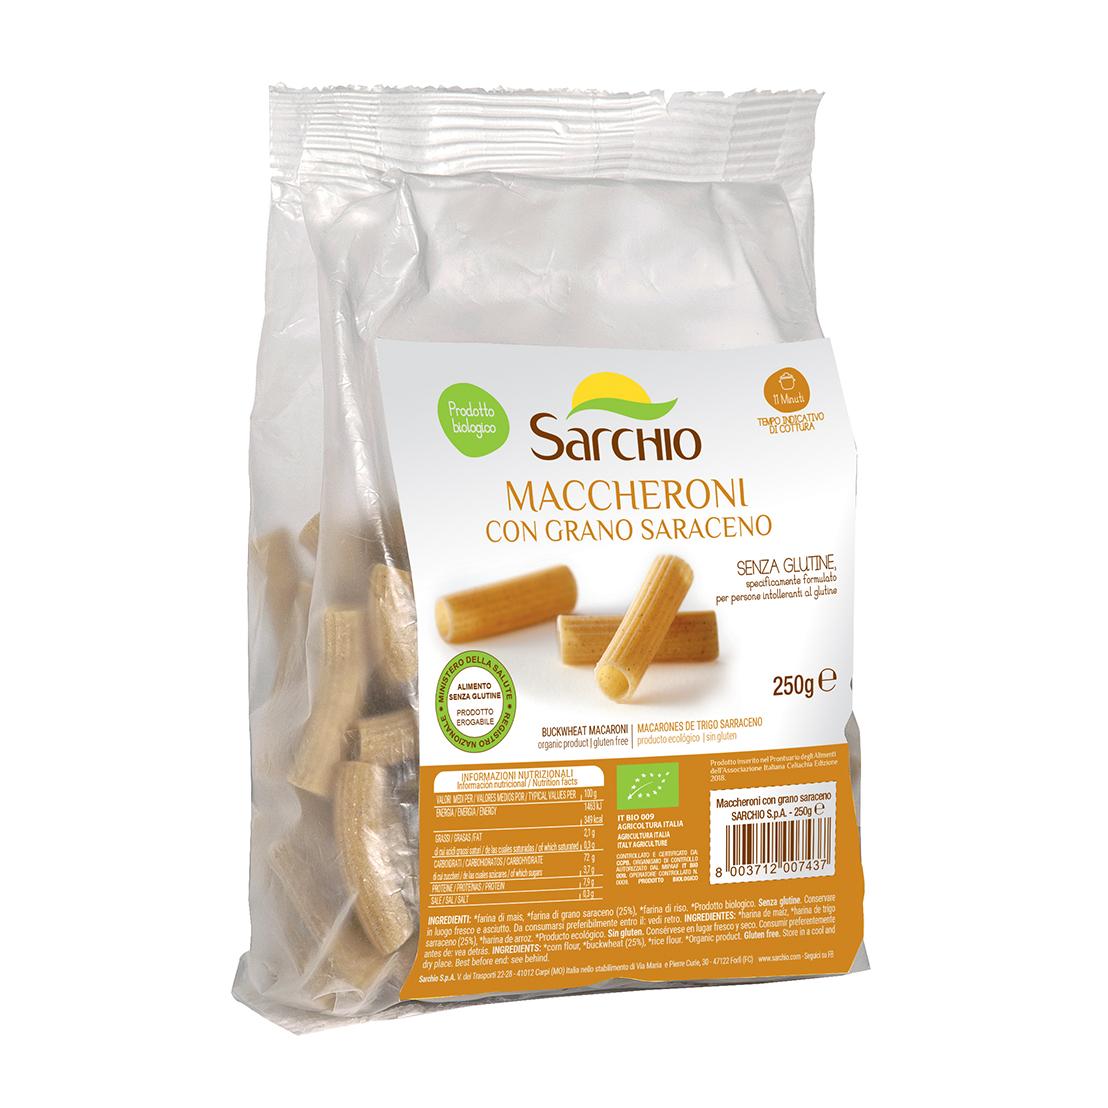 Maccheroni con grano saraceno